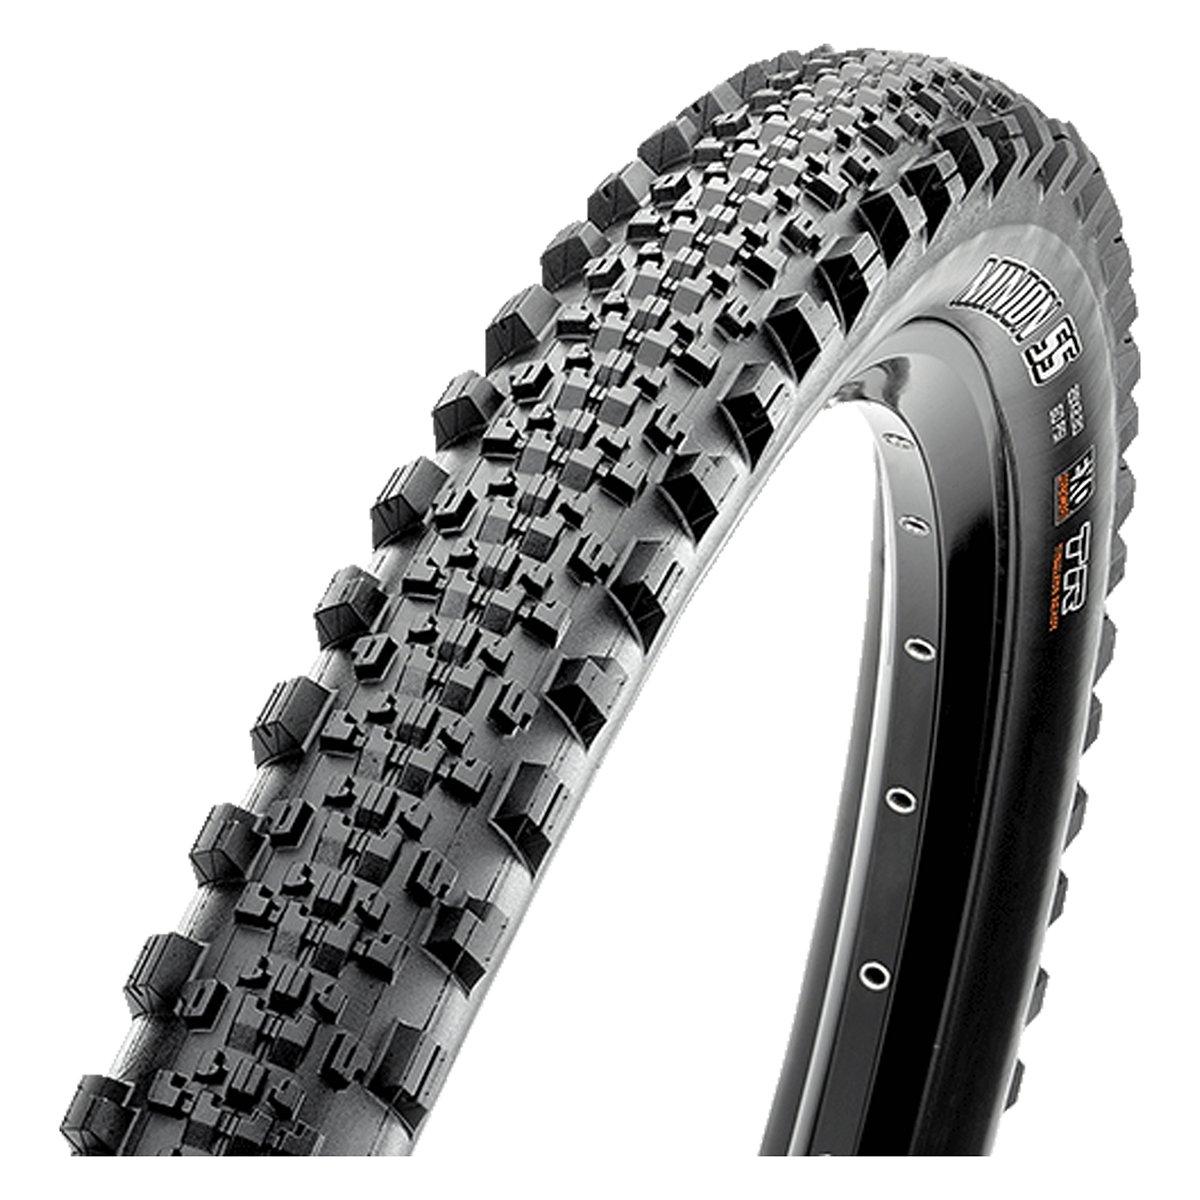 Maxxis Neumático Plegable de Minion con Doble Compuesto Exo/TR/Gusano de Seda, Negro, 66 x 7 cm: Amazon.es: Deportes y aire libre